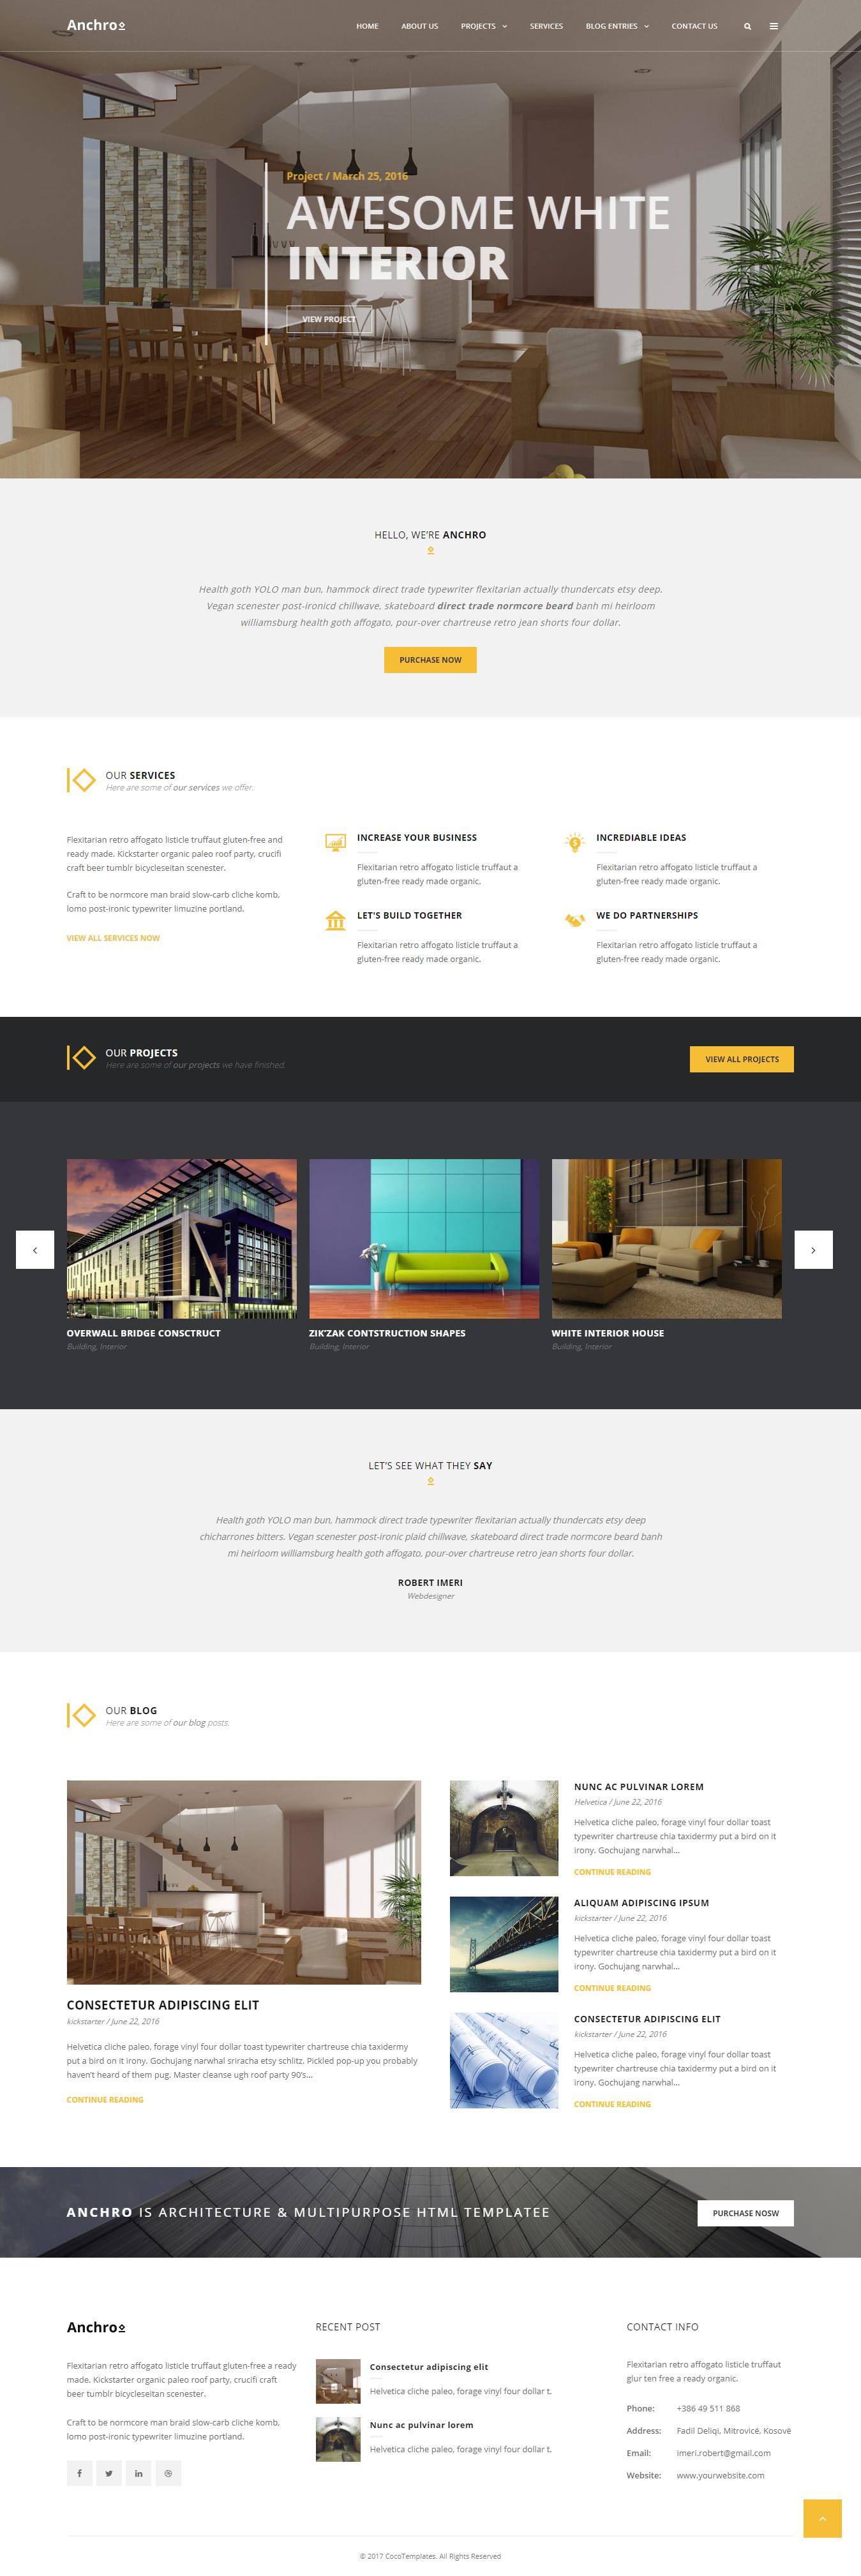 anchro best premium architecture wordpress theme - 10+ Best Premium Architecture WordPress Themes